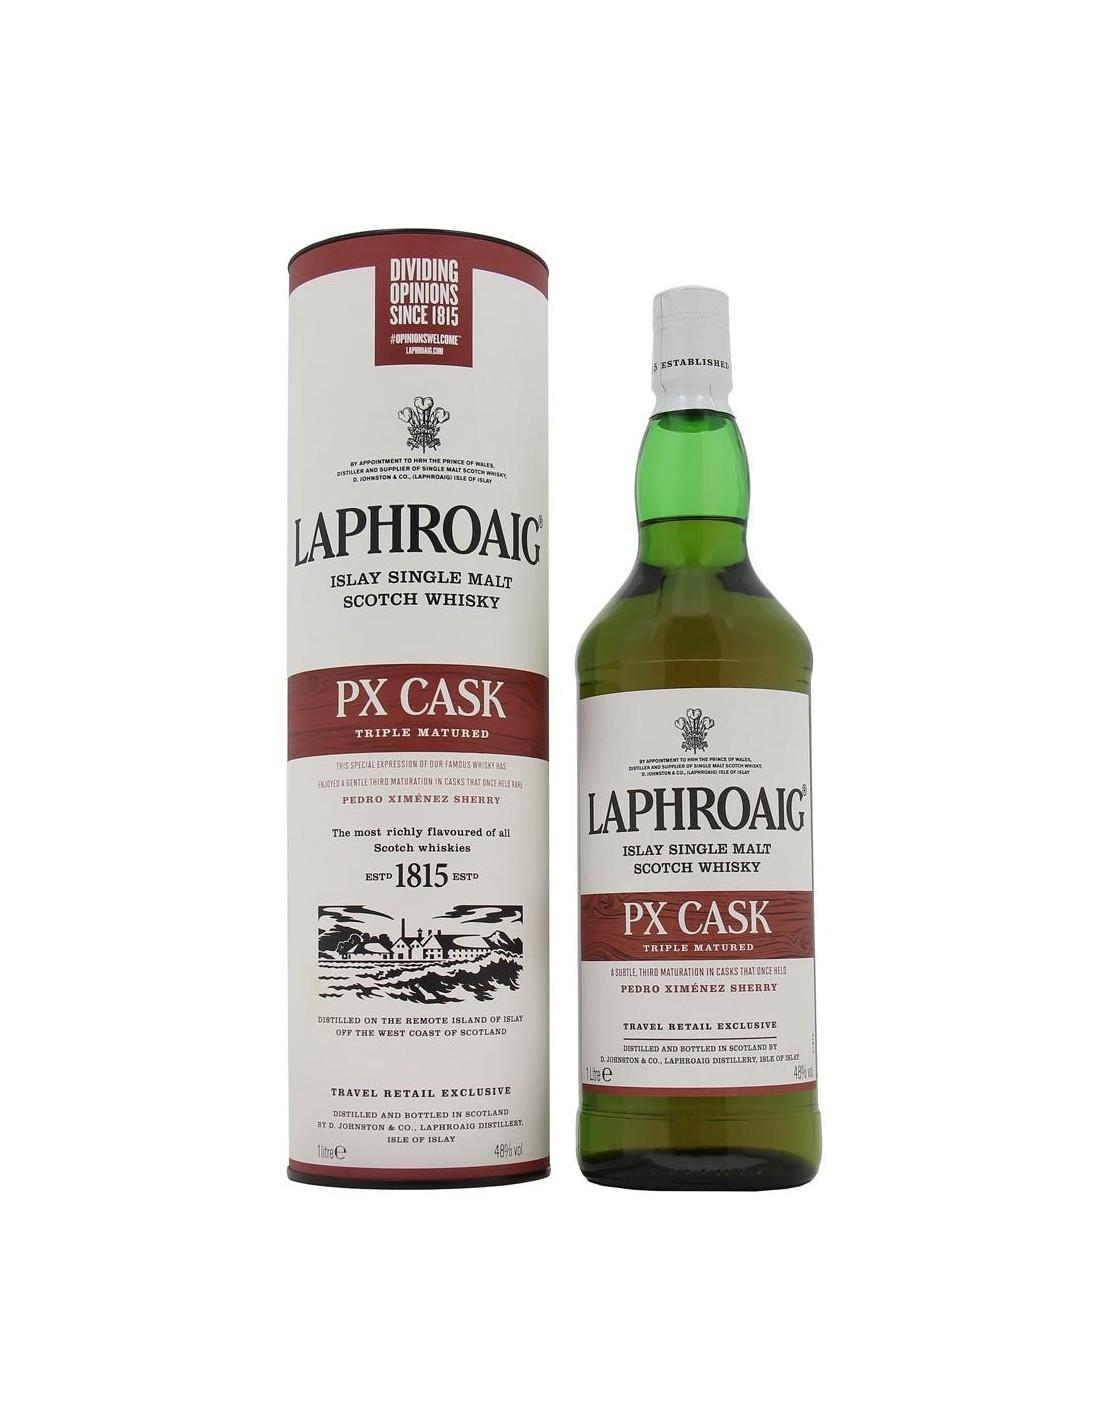 Whisky Laphroaig PX Cask, 48% alc., 1L, Scotia